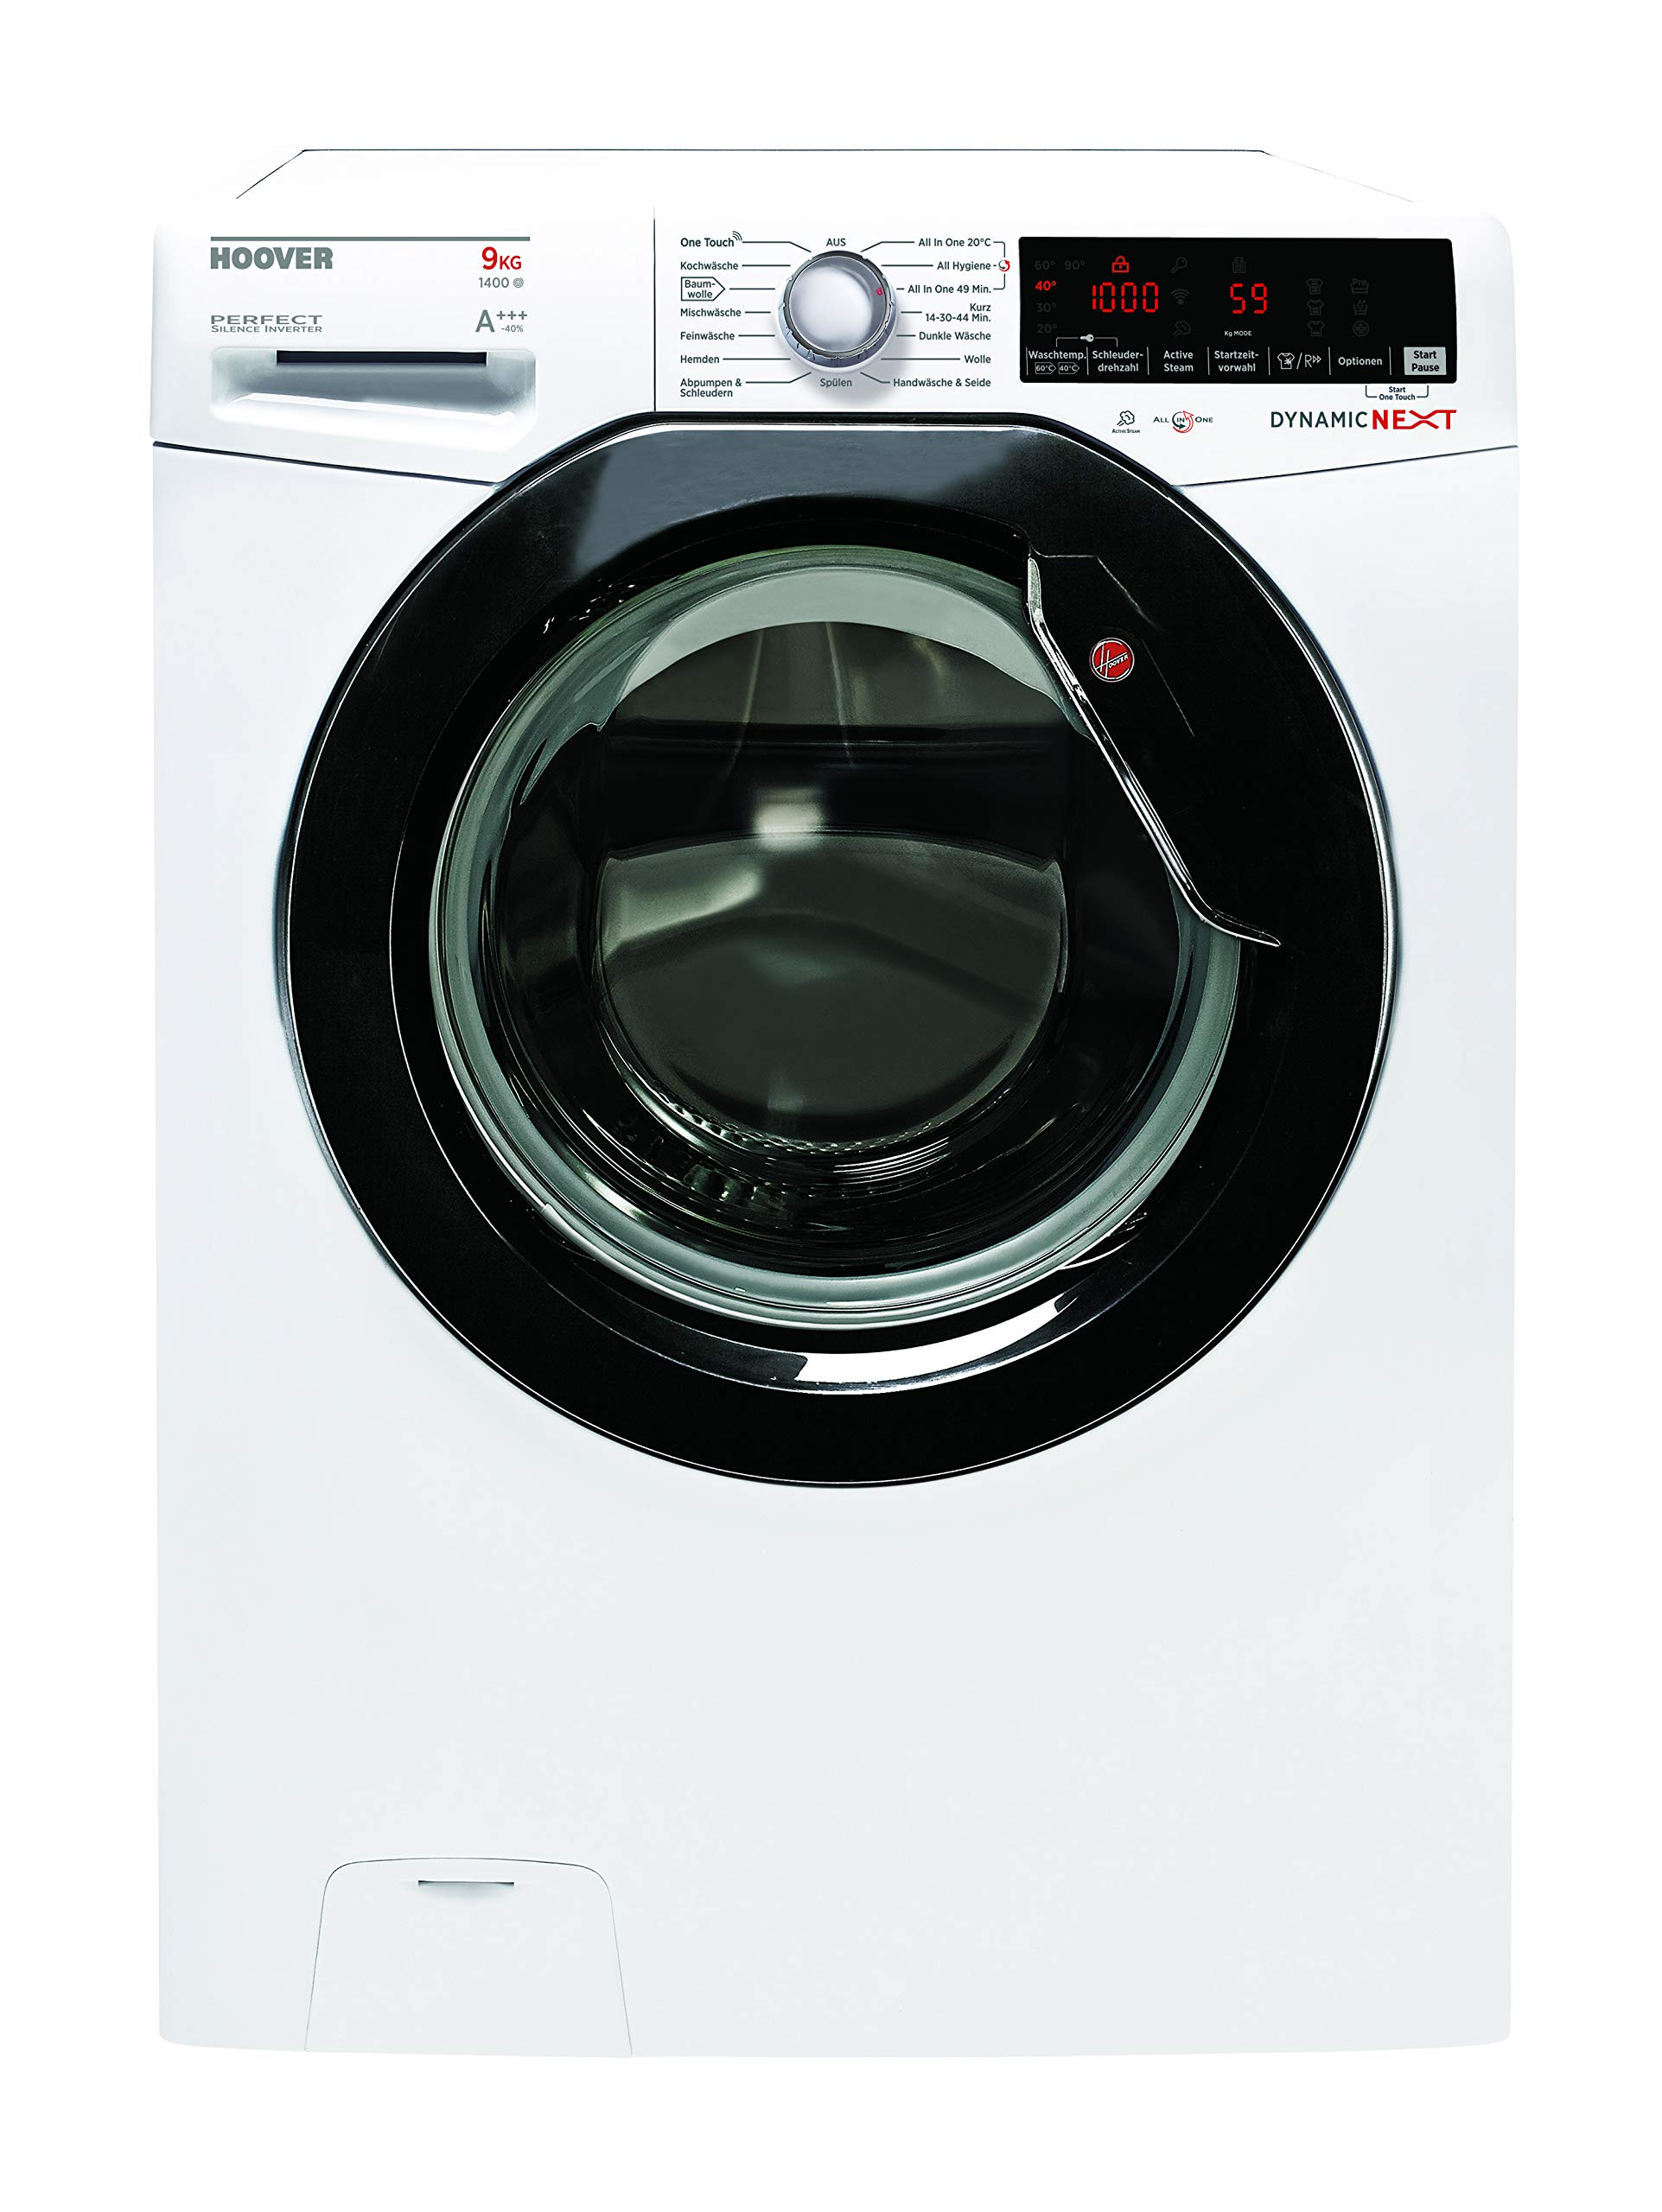 Waschmaschine-Frontlader-von-Hoover-9kg-1400-UMin-Superleiser-Inverter-Motor-48dB-Waschgang-14-Programme-ua-Dampfprogramm-Startzeitvorwahl-Digitales-Touchdisplay-NFC-Technologie